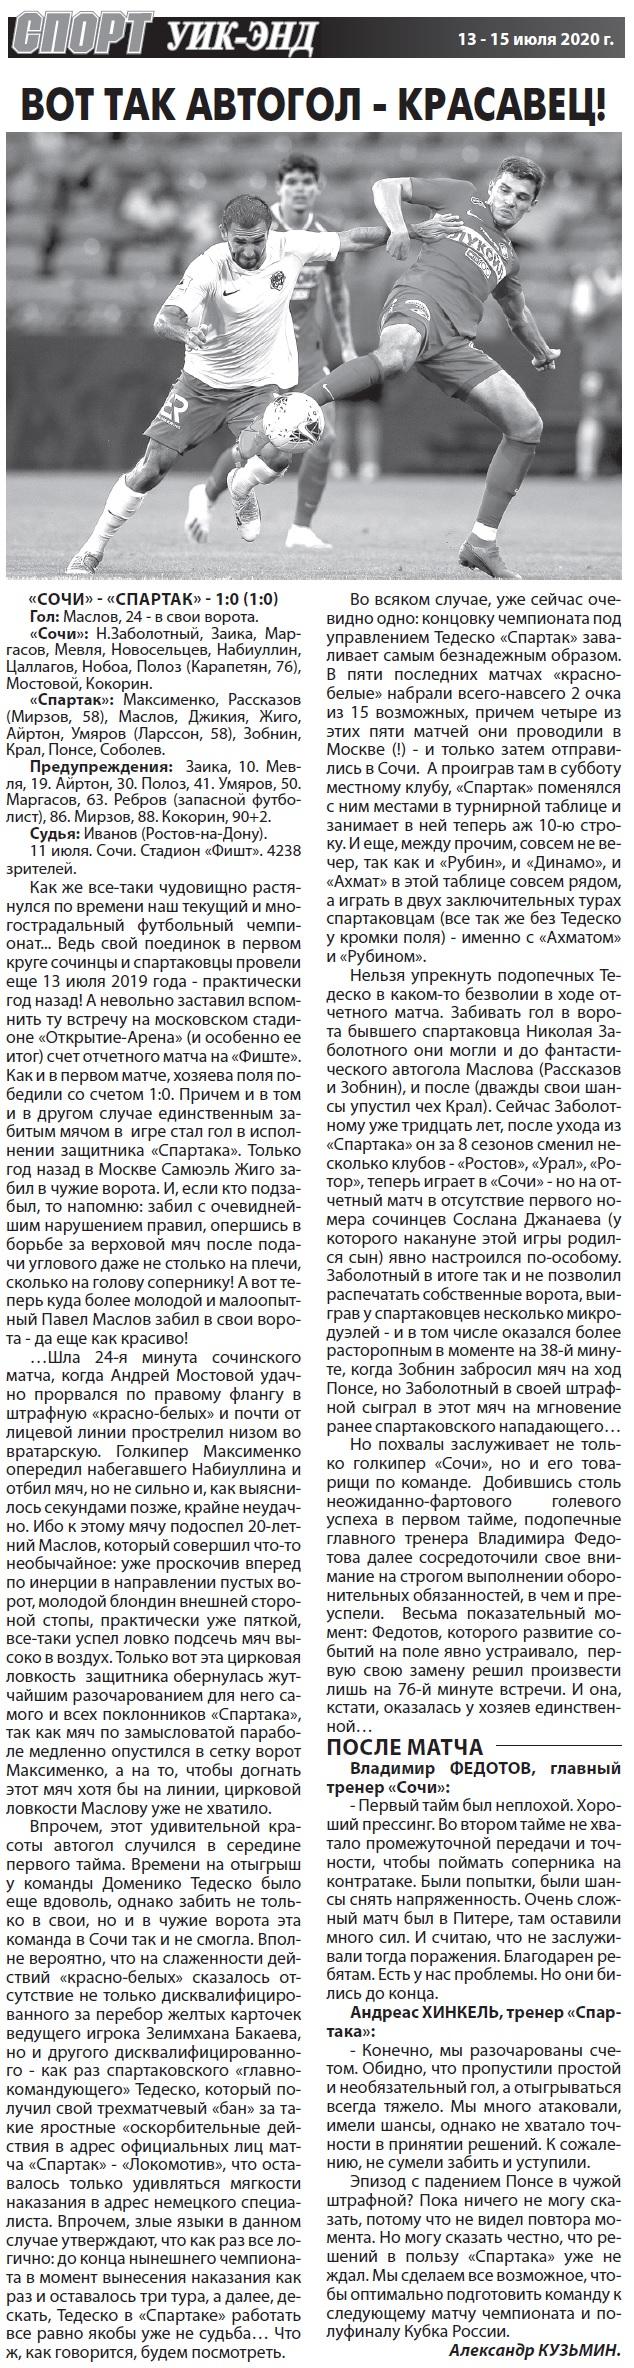 Сочи (Сочи) - Спартак (Москва) 1:0